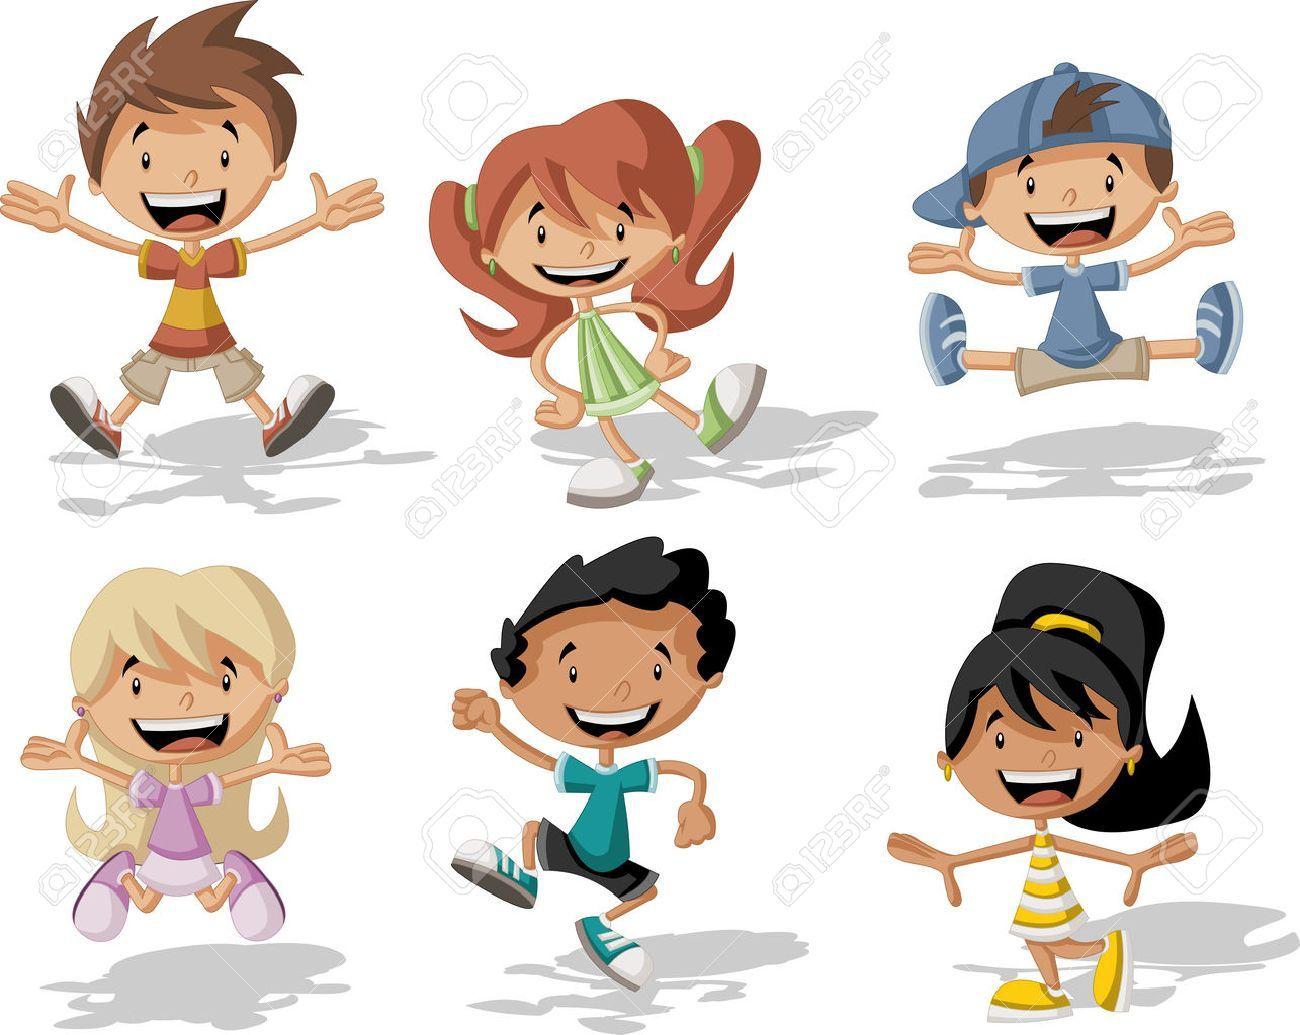 Feliz Personas Exitosas En Caricaturas: Grupo De Niños Felices De Dibujos Animados Saltando Foto